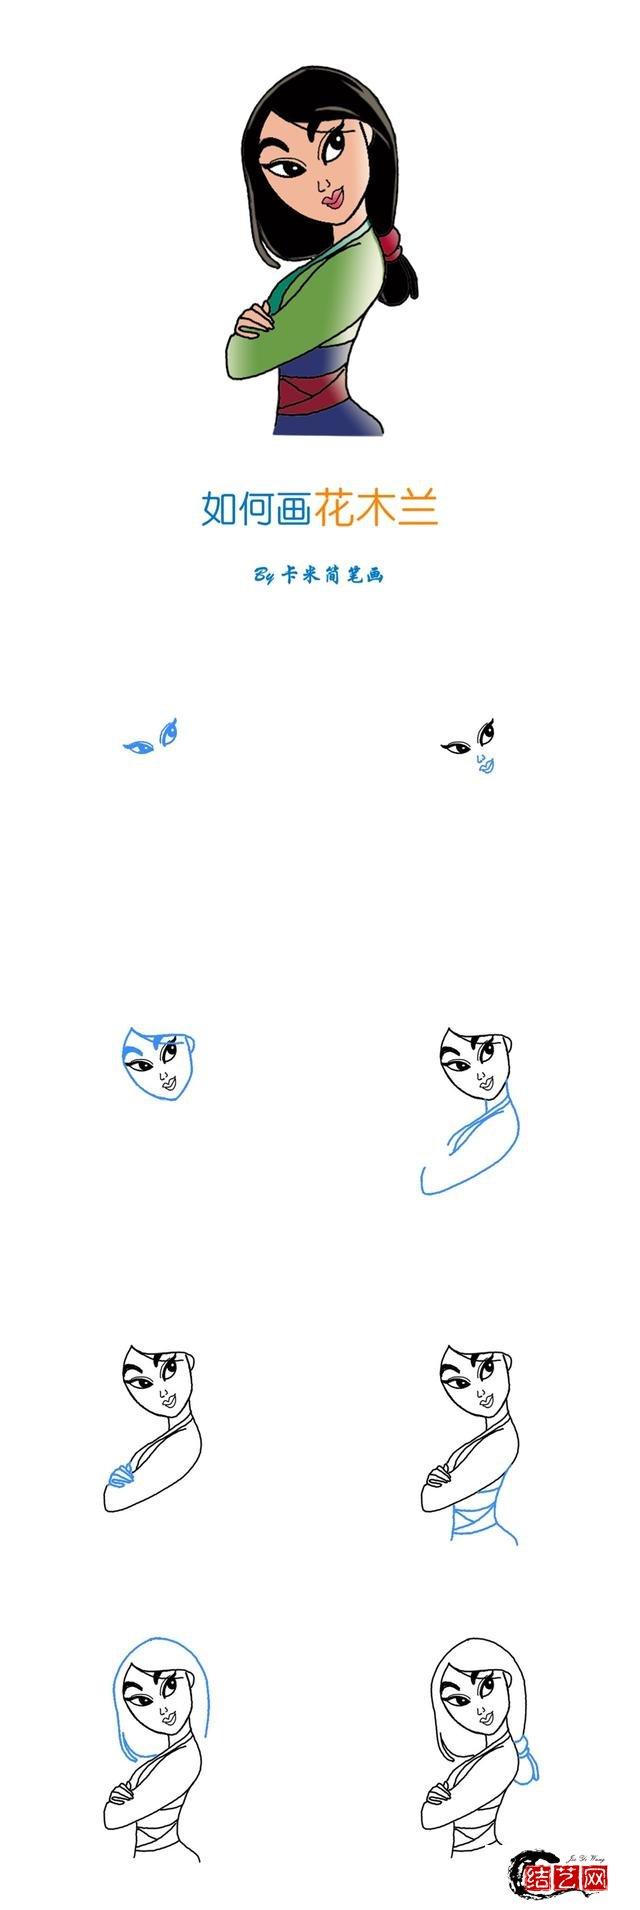 迪士尼花木兰简笔画 - 花木兰画画教程